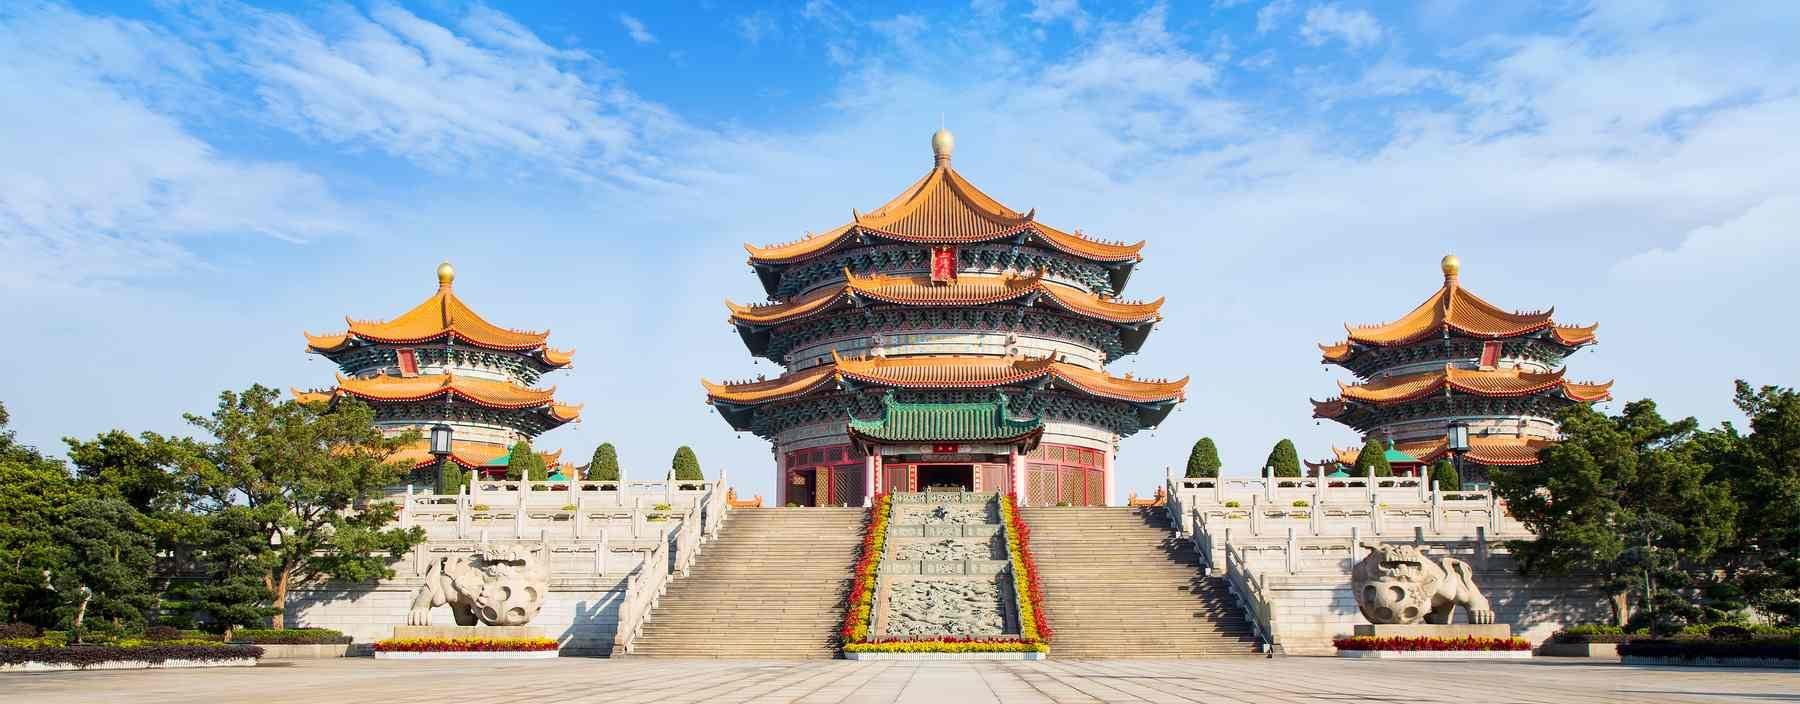 cn, guangzhou, yuanxuan taoist temple.jpg